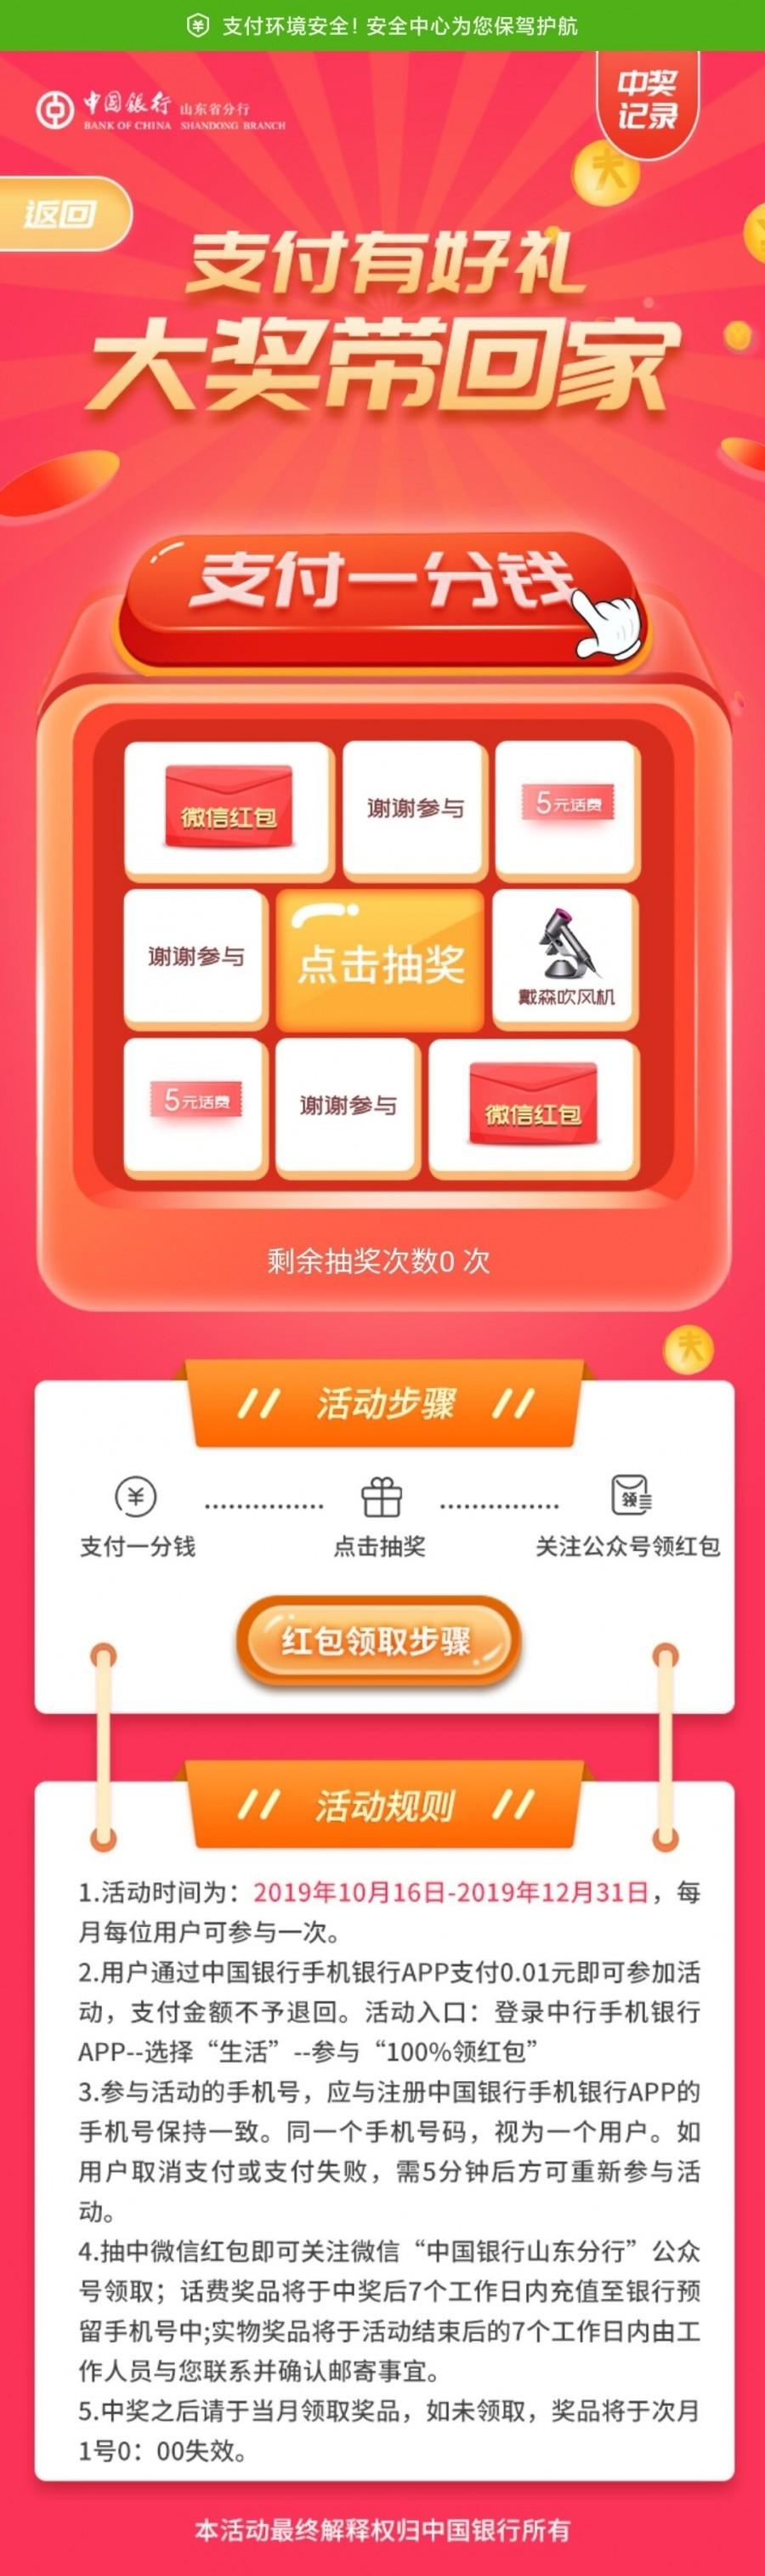 中国银行手机银行(限不限山东,需定位)微信红包